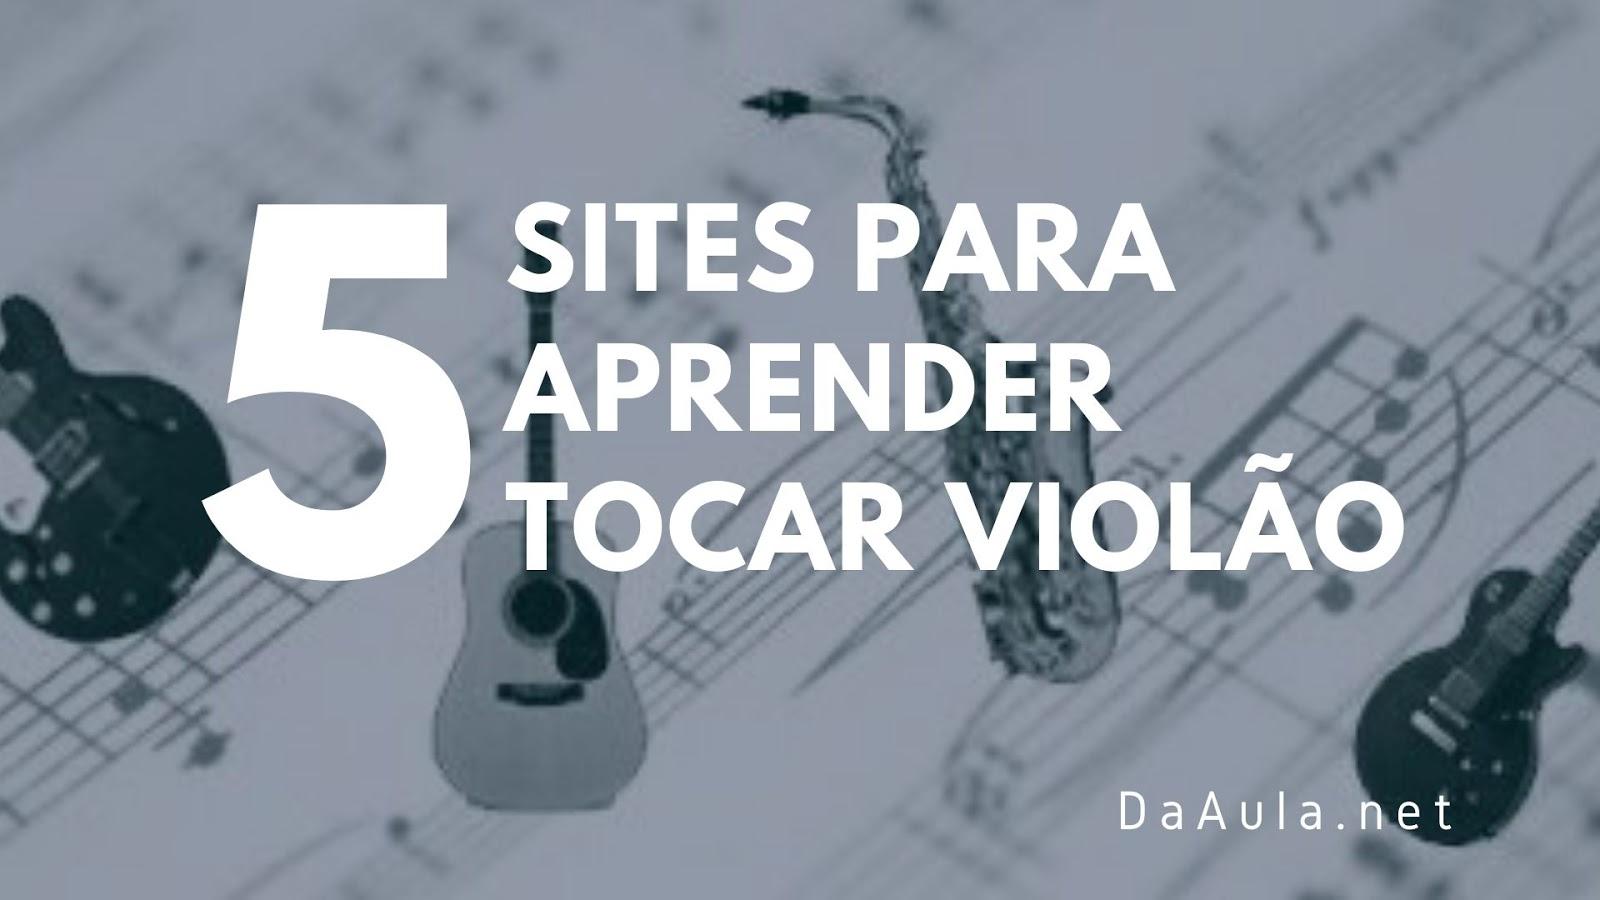 5 Sites Para Aprender a Tocar Violão